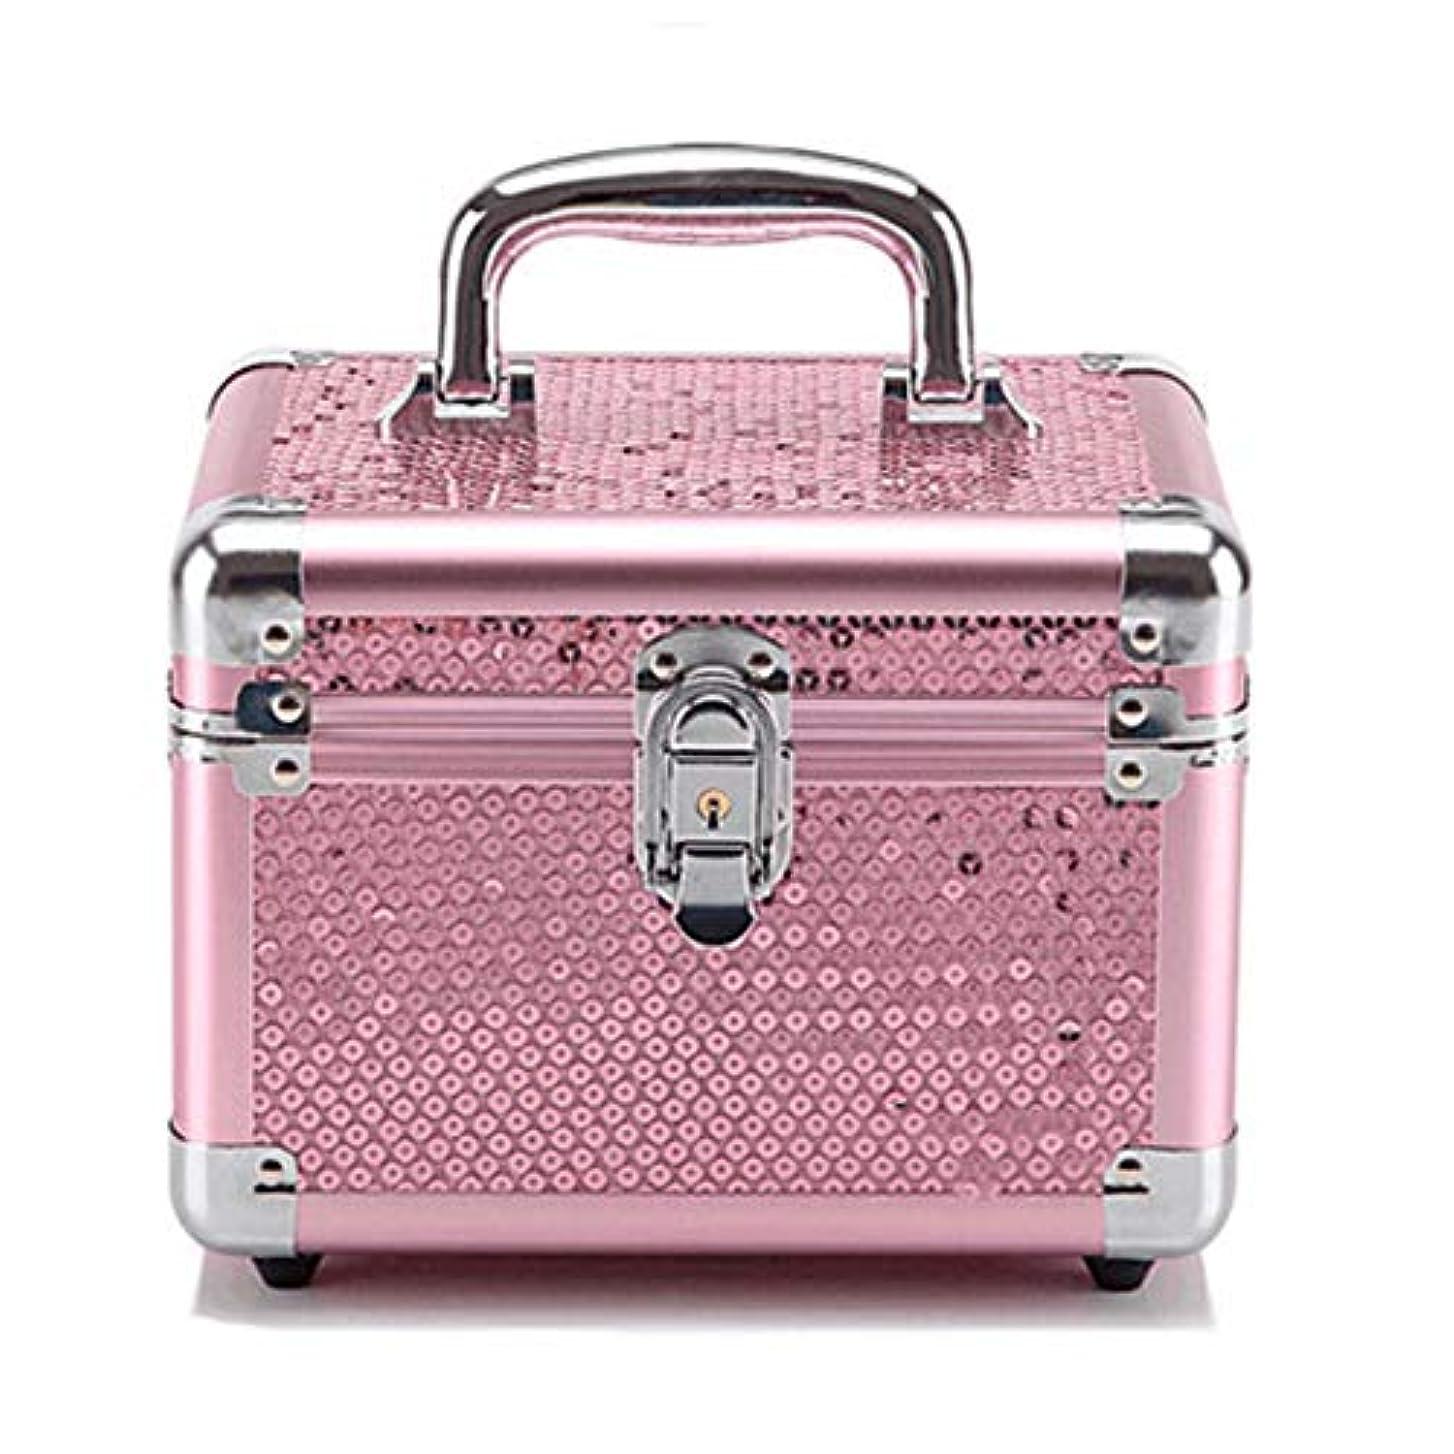 人気の遺産発掘する特大スペース収納ビューティーボックス 美の構造のためそしてジッパーおよび折る皿が付いている女の子の女性旅行そして毎日の貯蔵のための高容量の携帯用化粧品袋 化粧品化粧台 (色 : Rose Red(S))